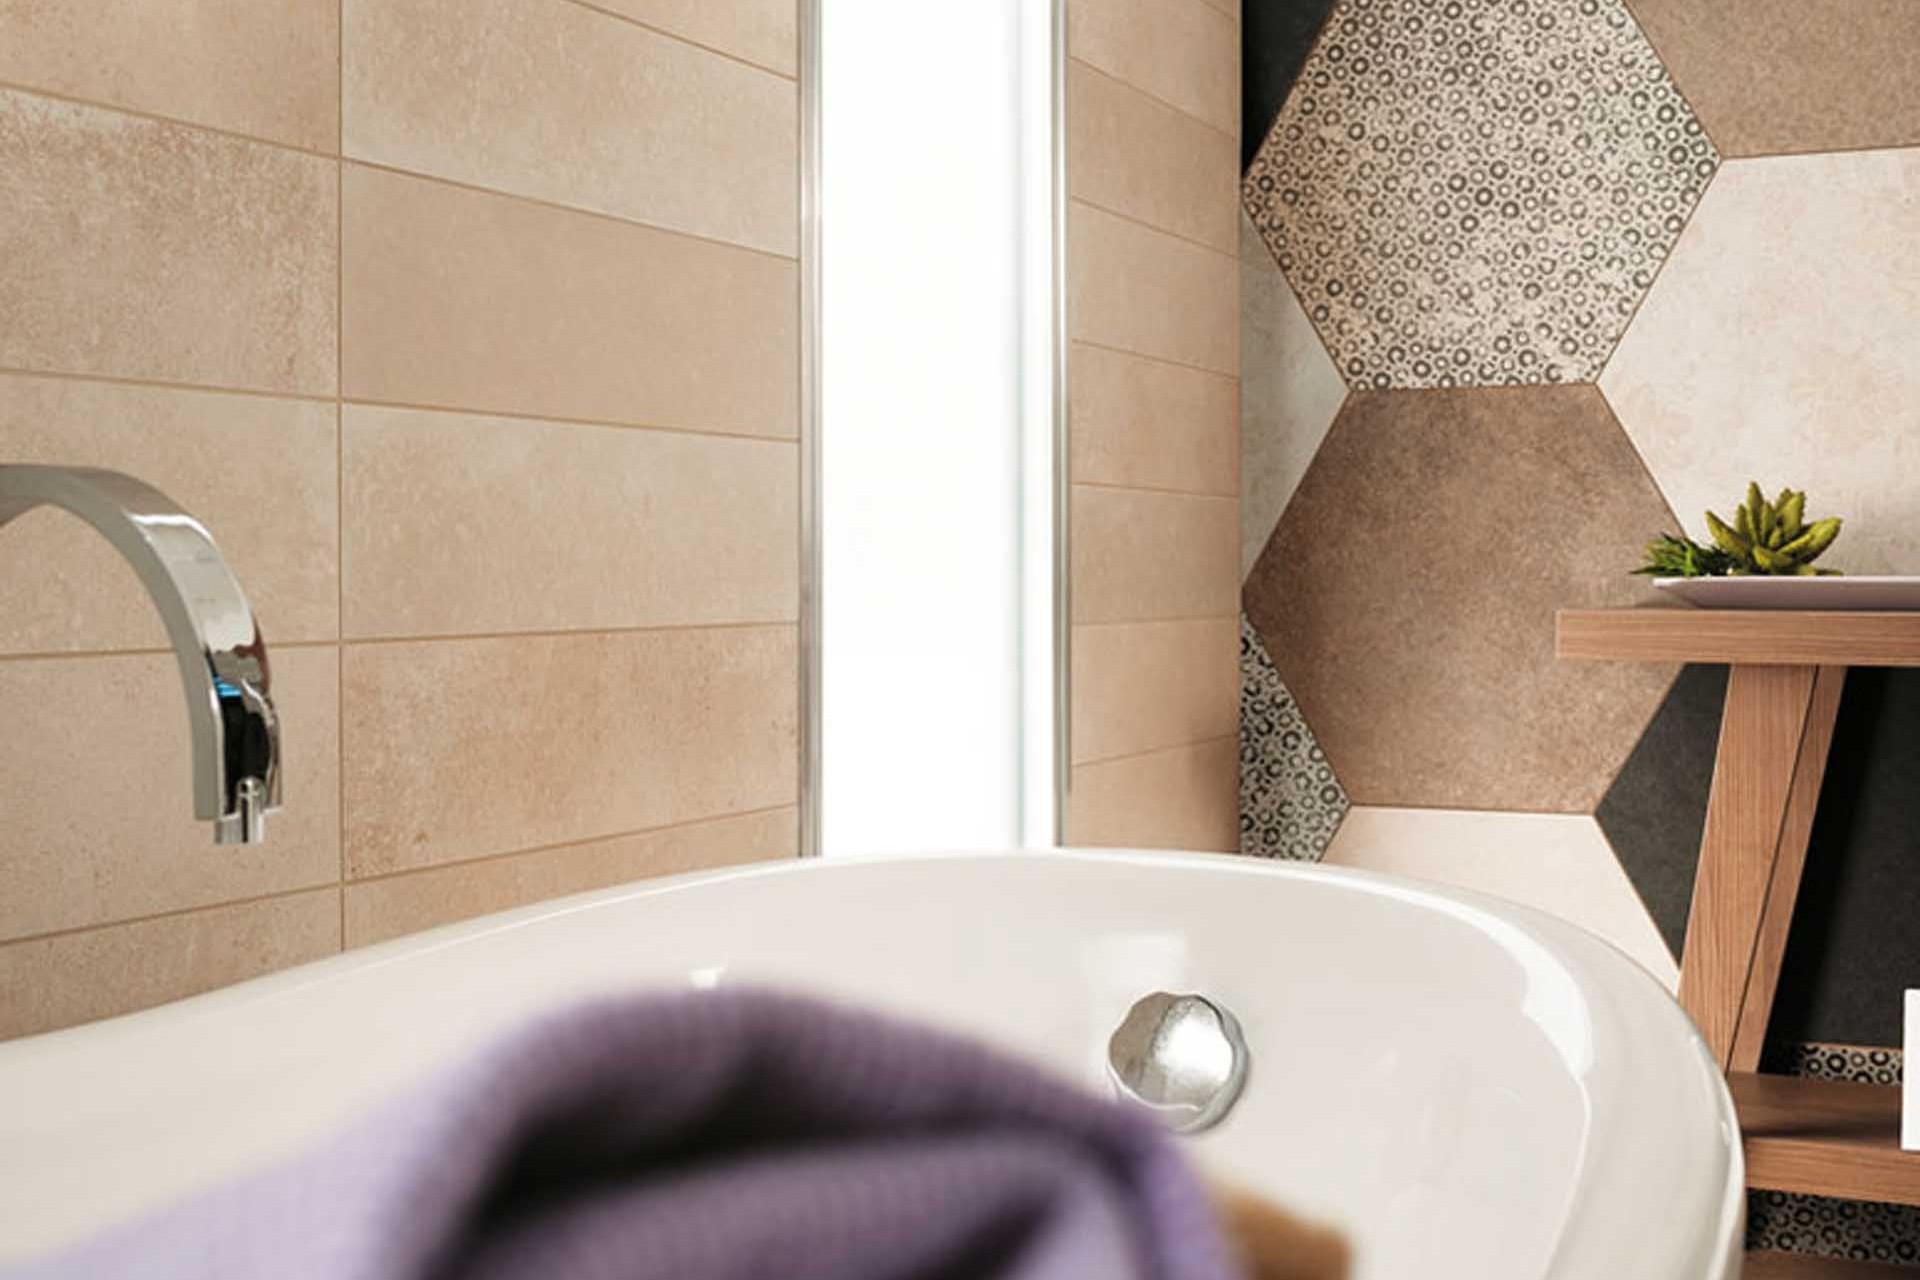 Angolari per piastrelle bagno - Piastrelle 10x10 bagno ...